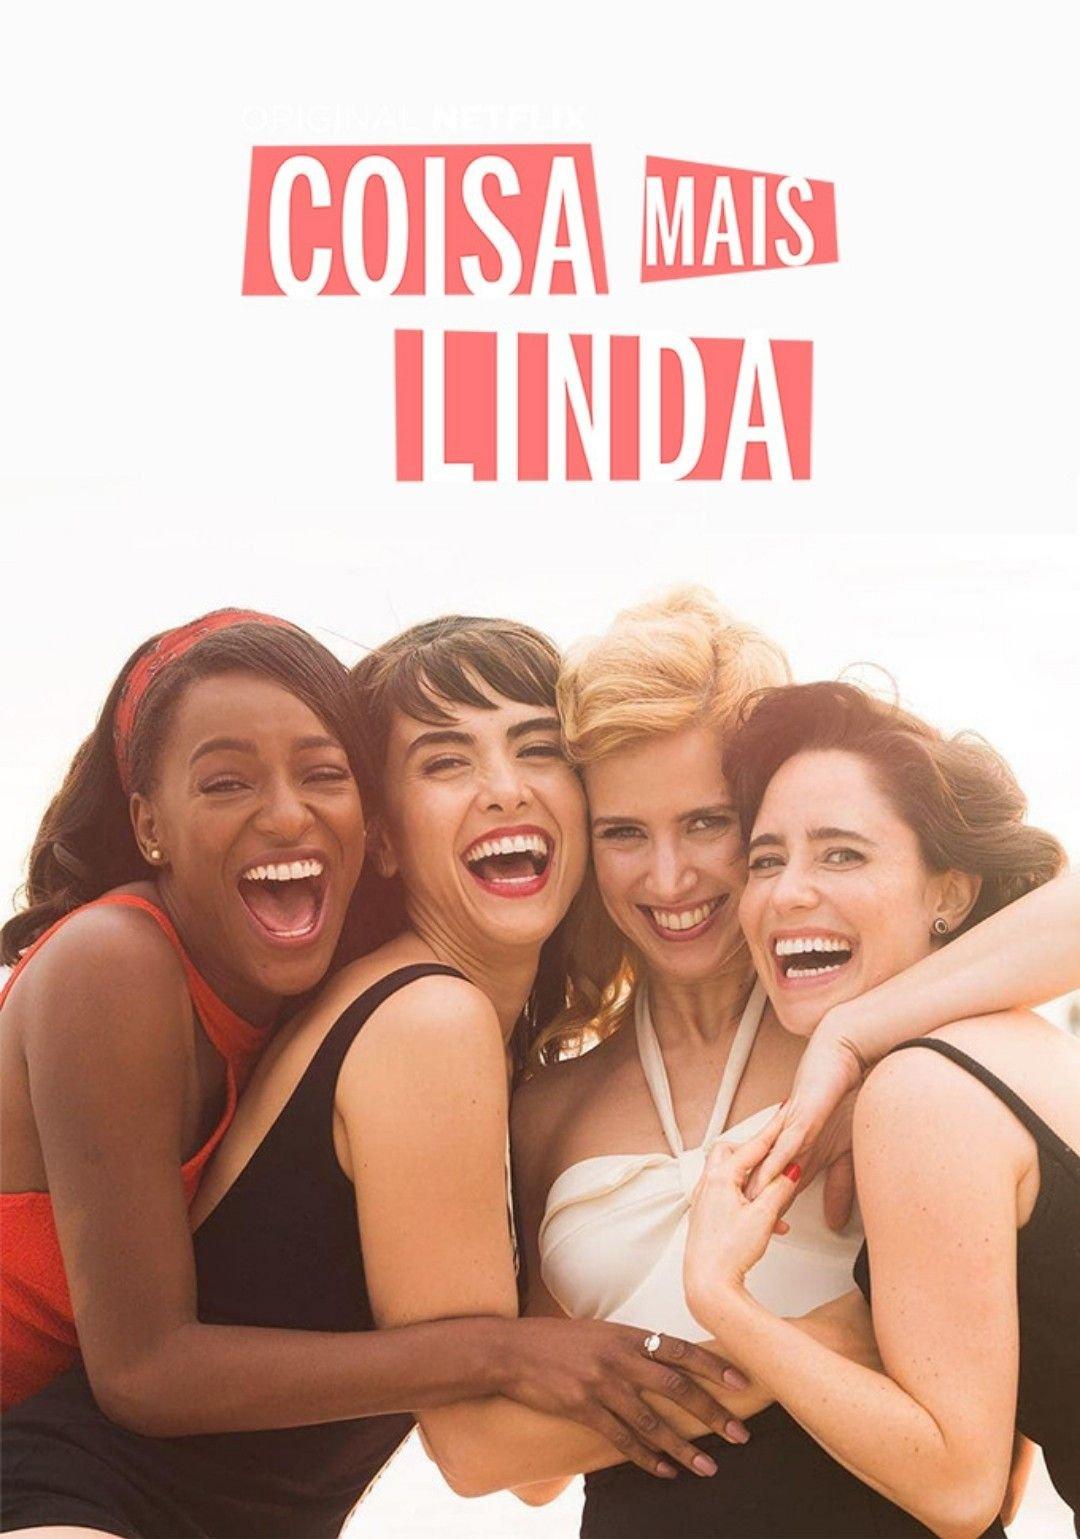 Pôster de divulgação de Coisa Mais Linda, com as quatro protagonistas abraçadas